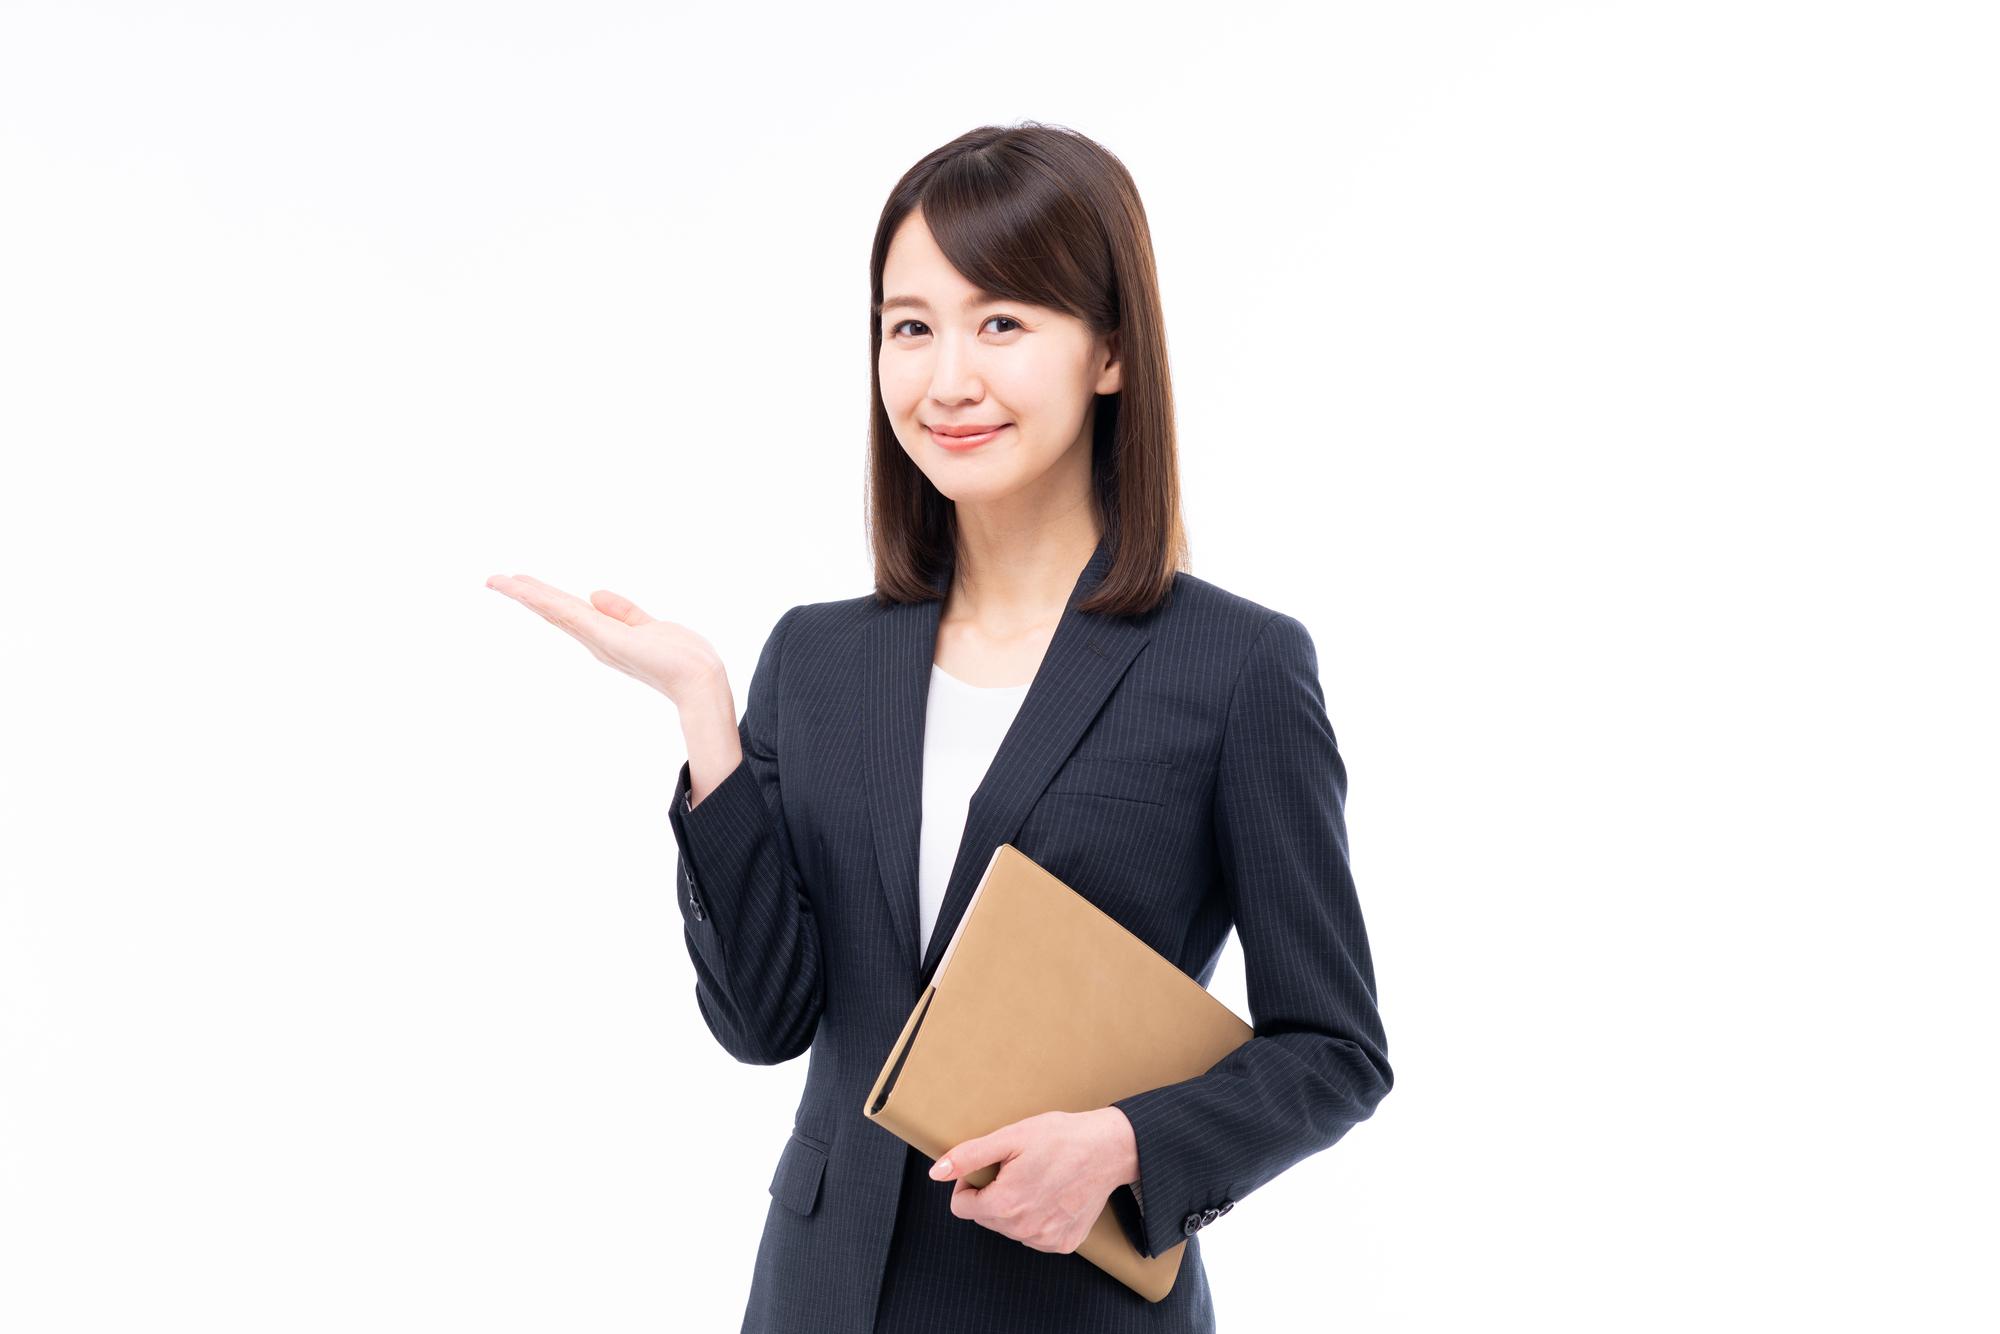 採用通知書とは? 内定通知書との違い、書き方や郵送方法などの注意点を解説_3